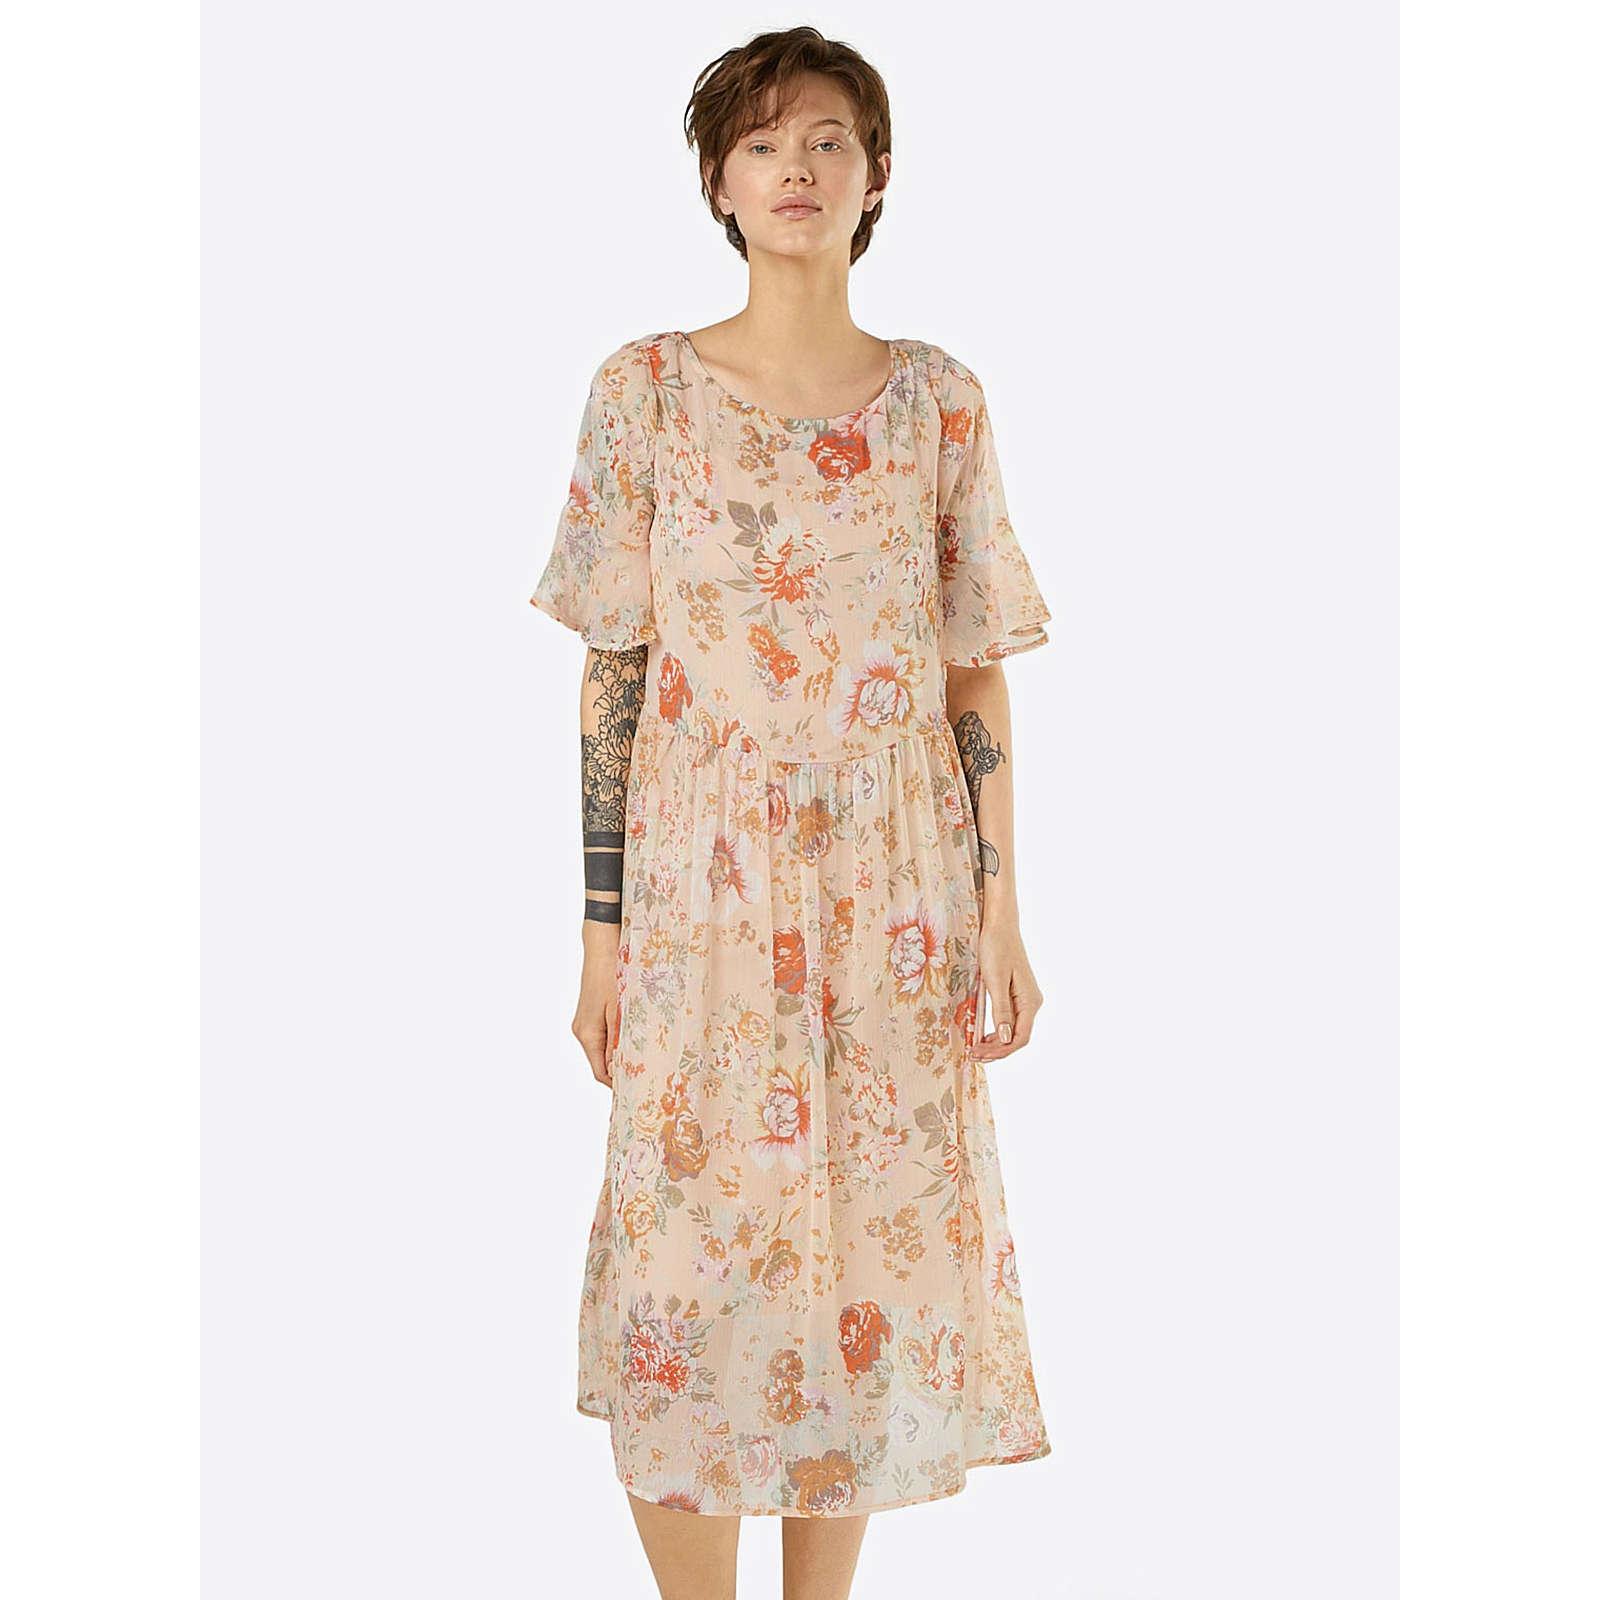 VILA Sommerkleid Sommerkleider orange Damen Gr. 34